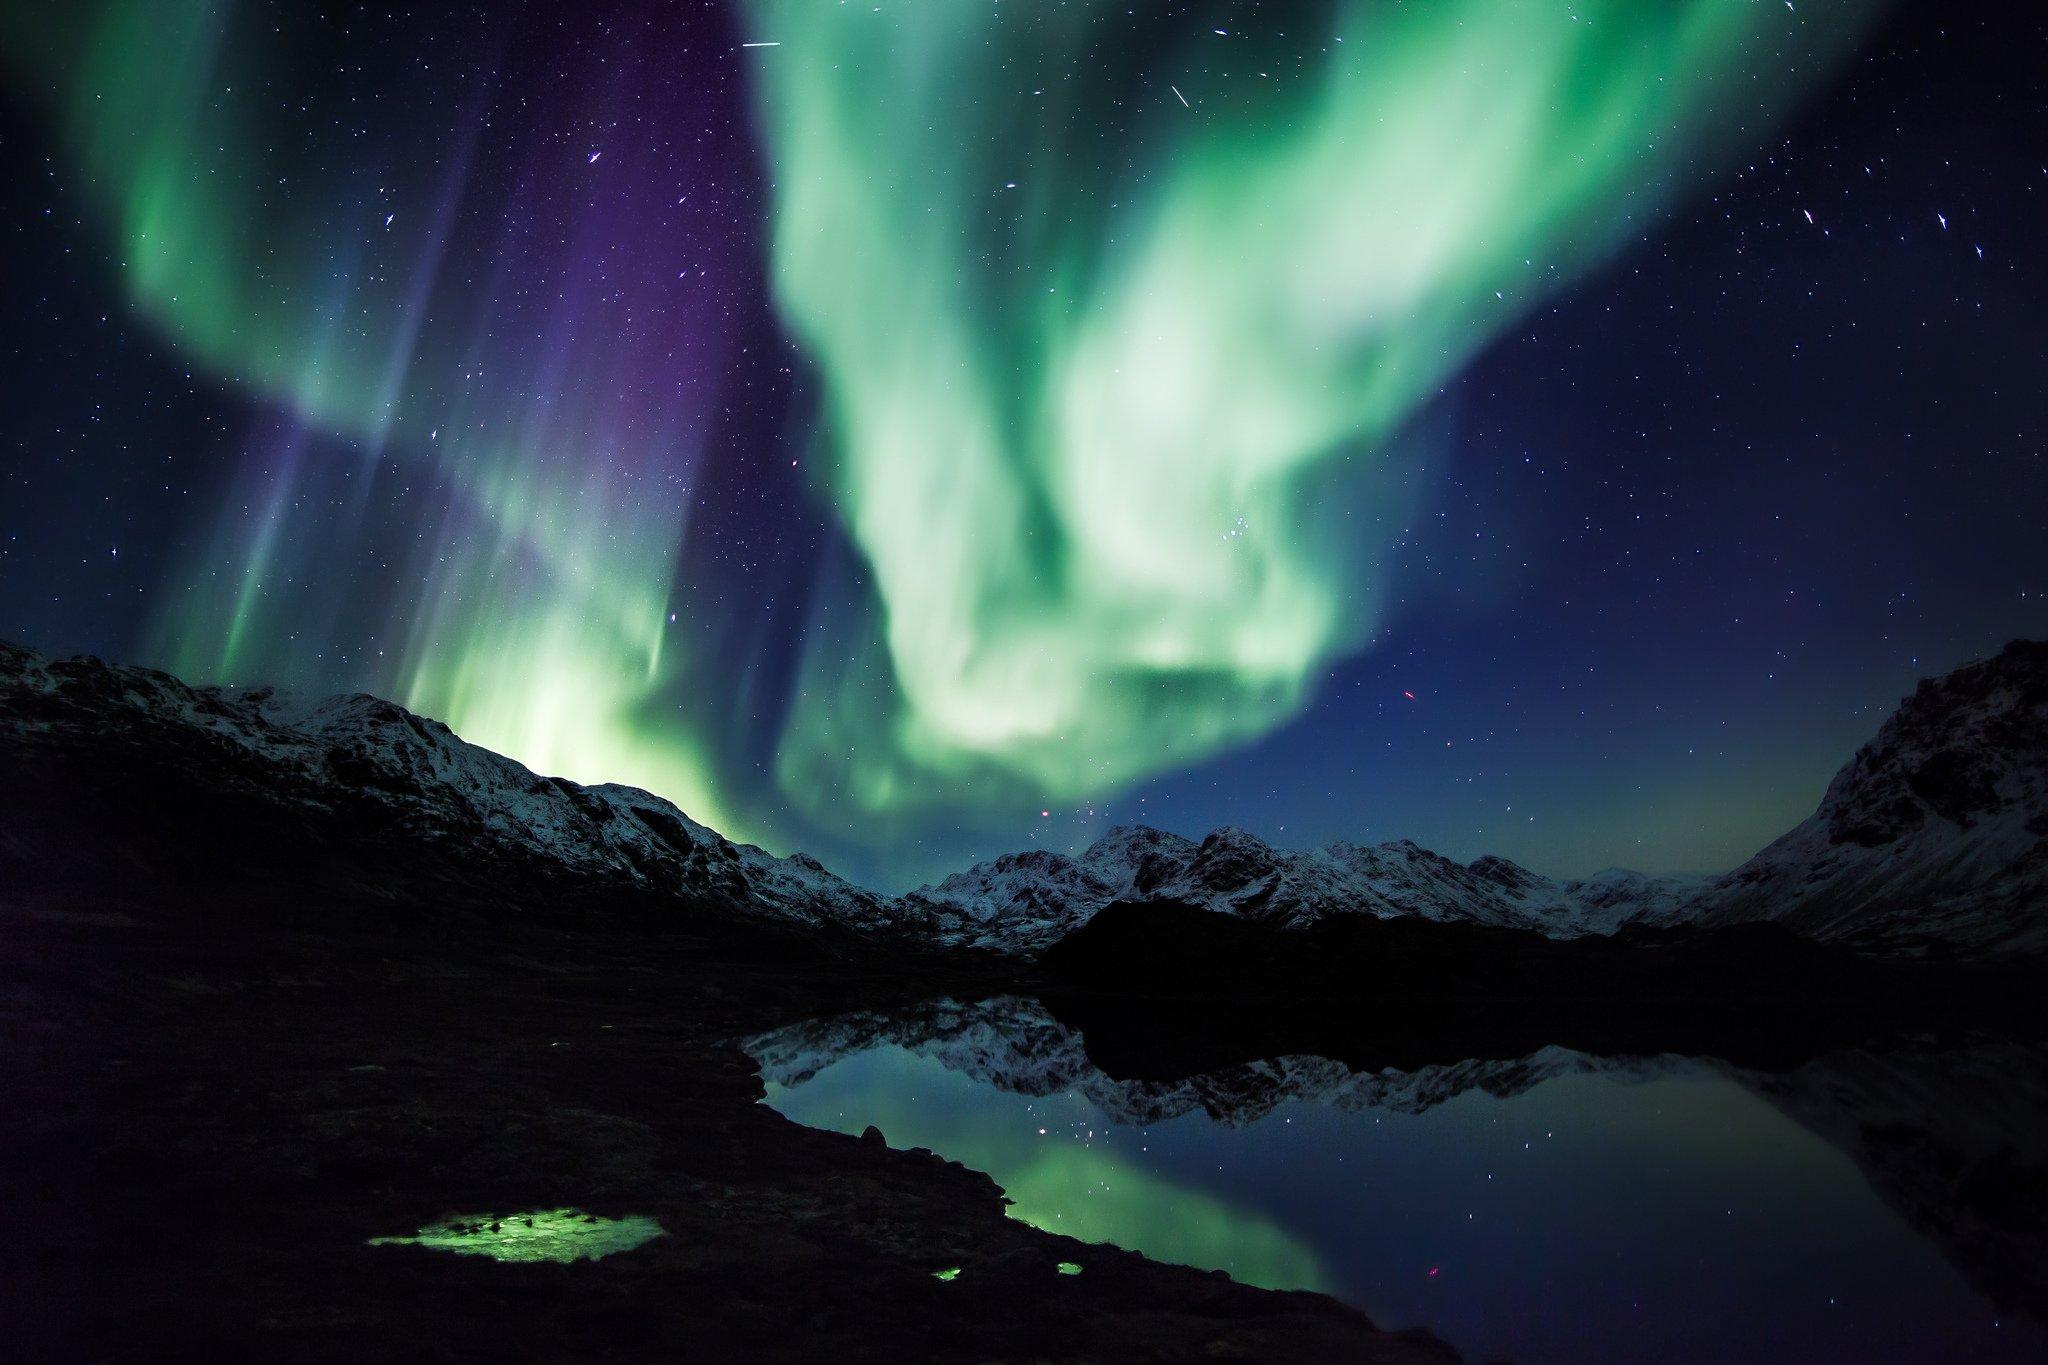 alaska night wallpaper - photo #35